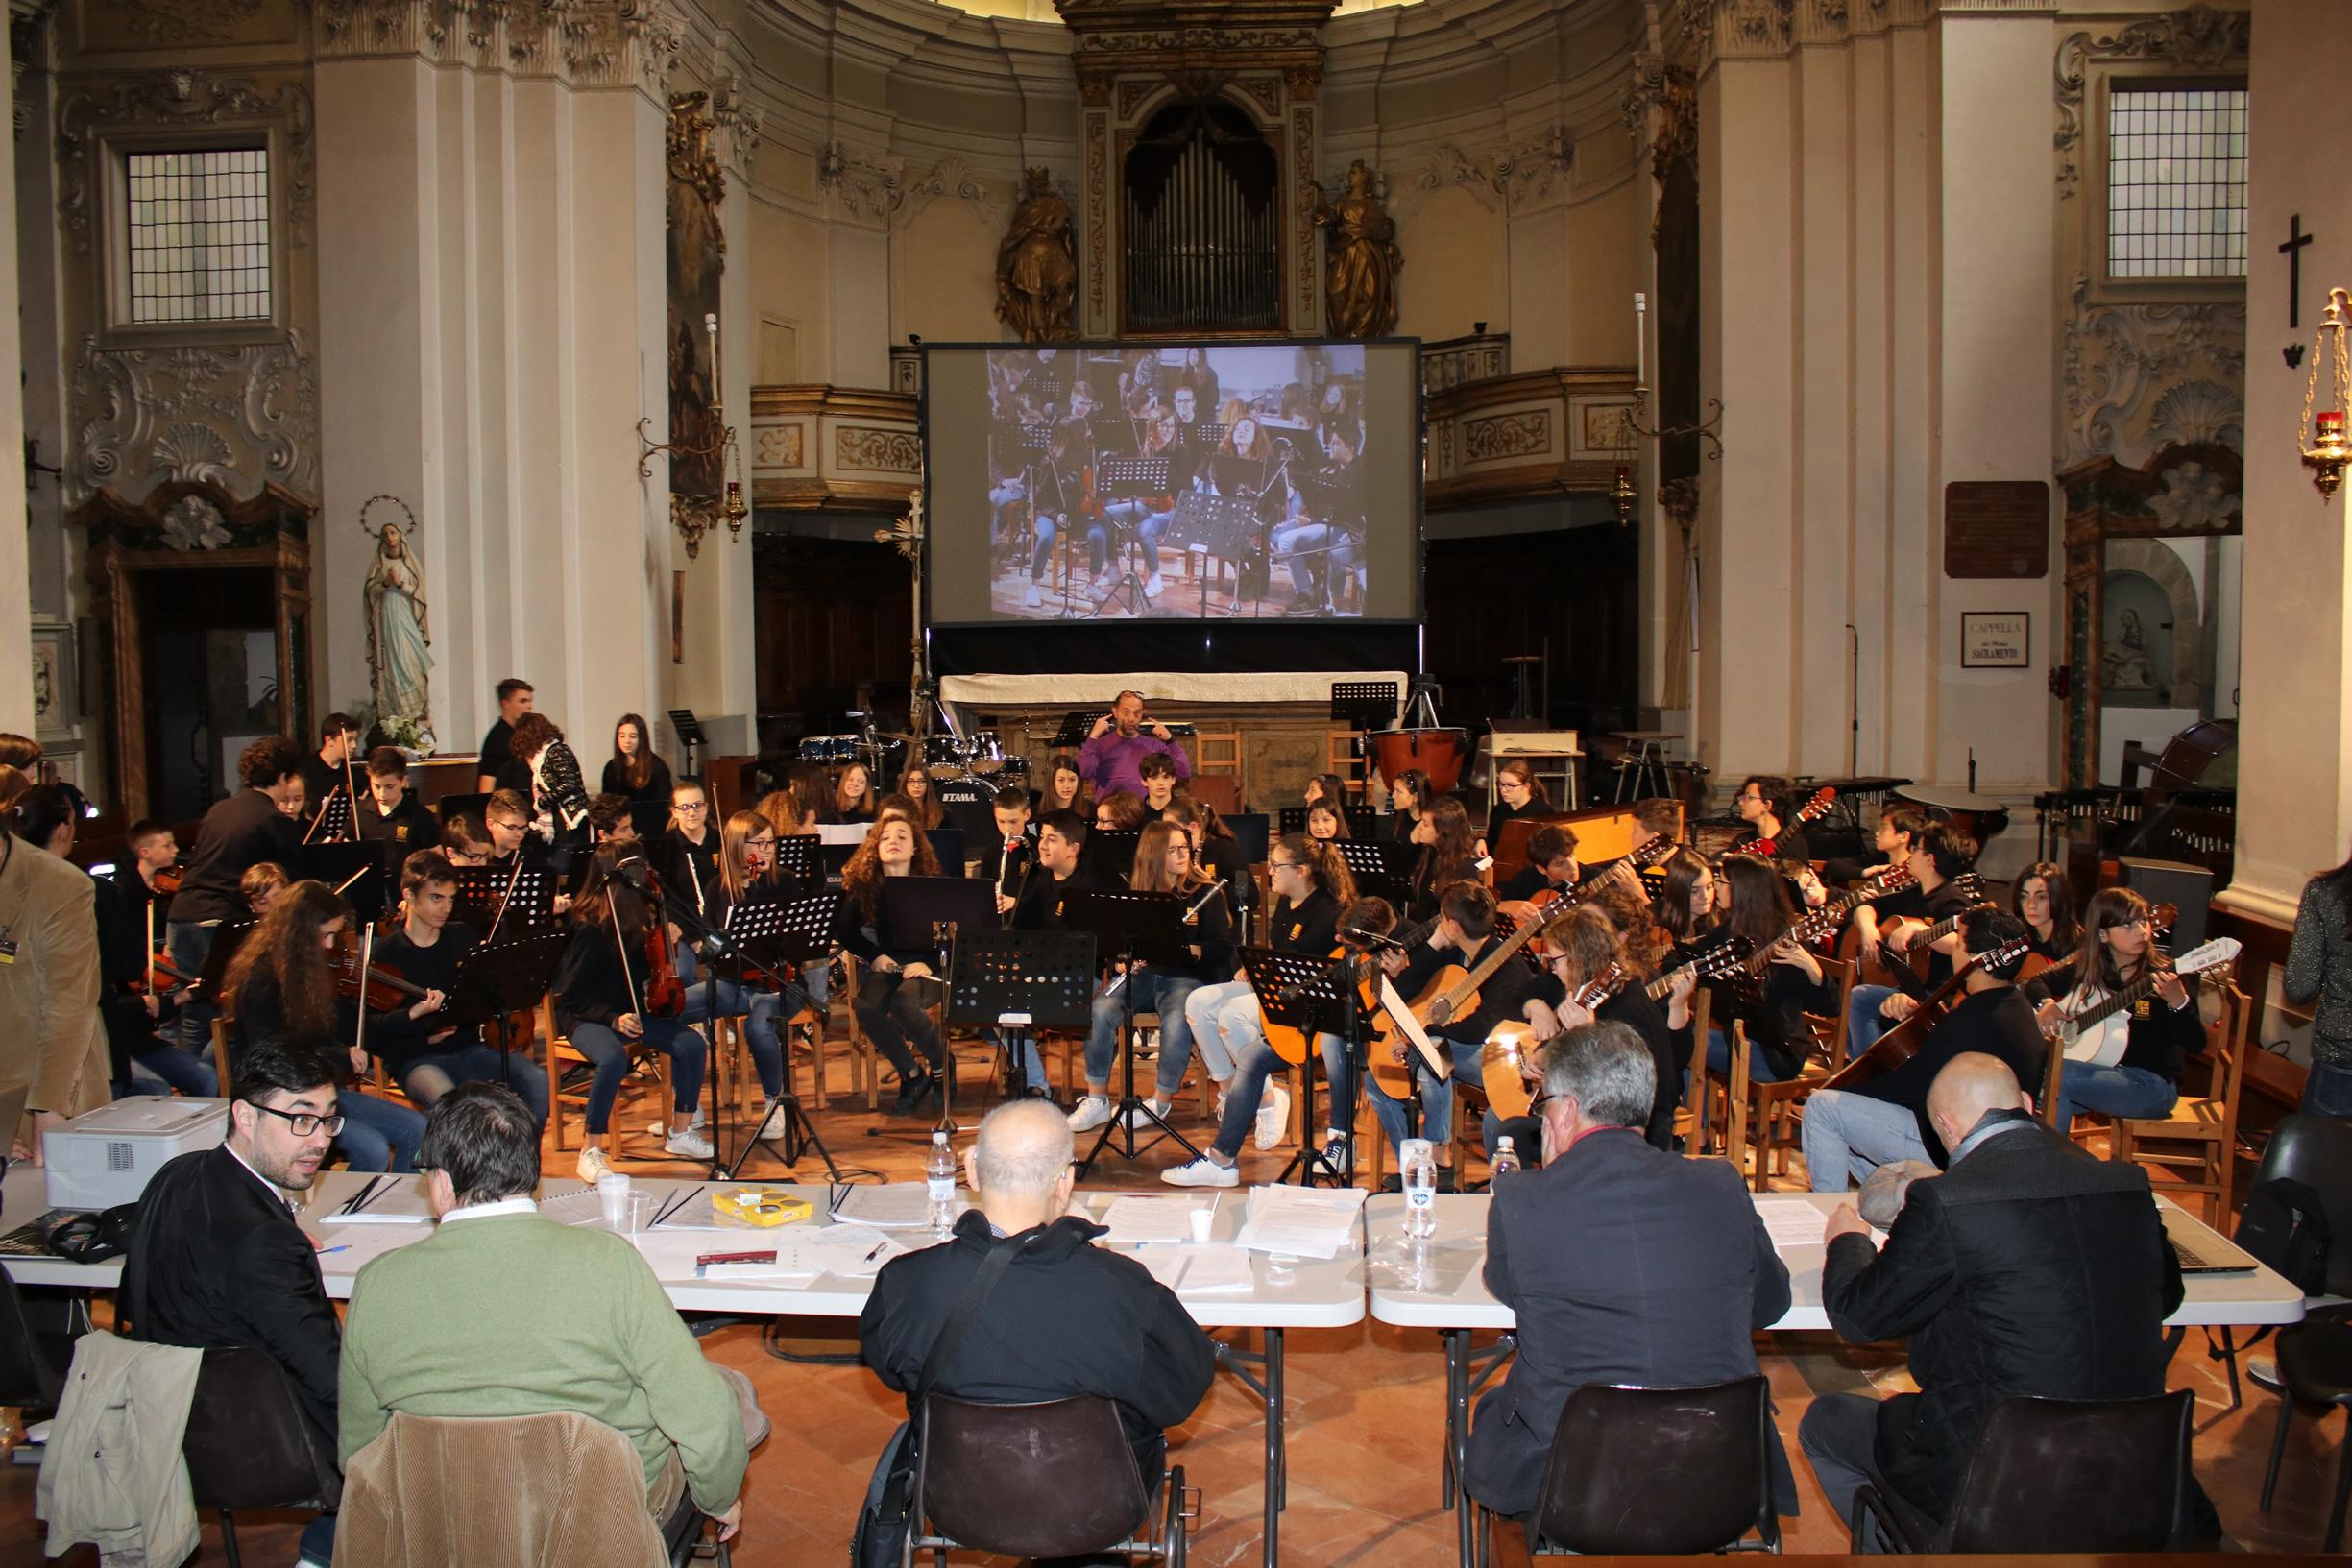 XIX Concorso Musicale Nazionale Zangarelli 2017 - Venerdí 5 Maggio